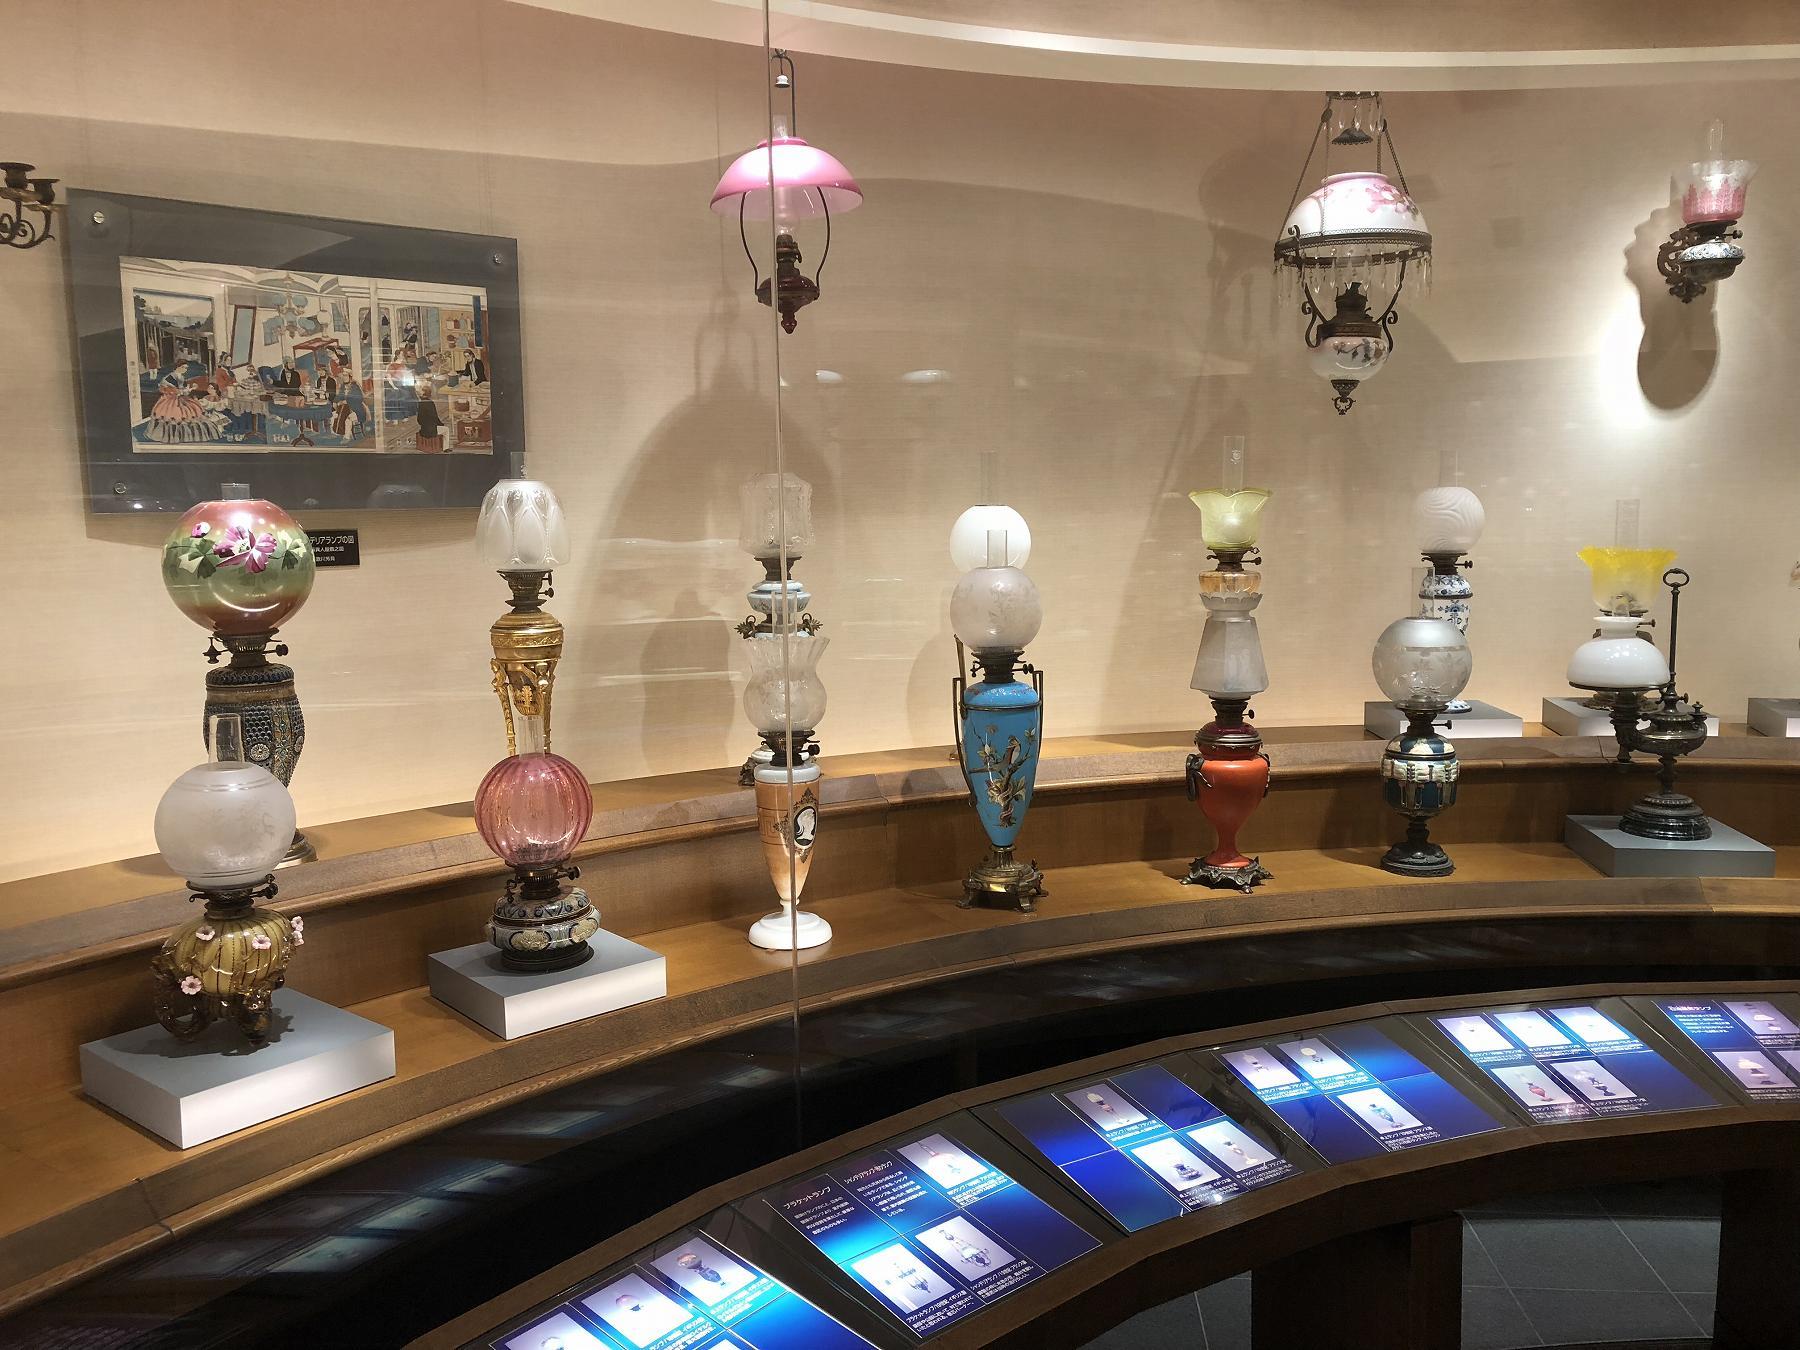 神戸旧居留地にある「神戸らんぷミュージアム」が7/18より5年ぶりに営業再開します! #神戸らんぷミュージアム #関西電力 #神戸旧居留地 #神戸観光 #再開オープン